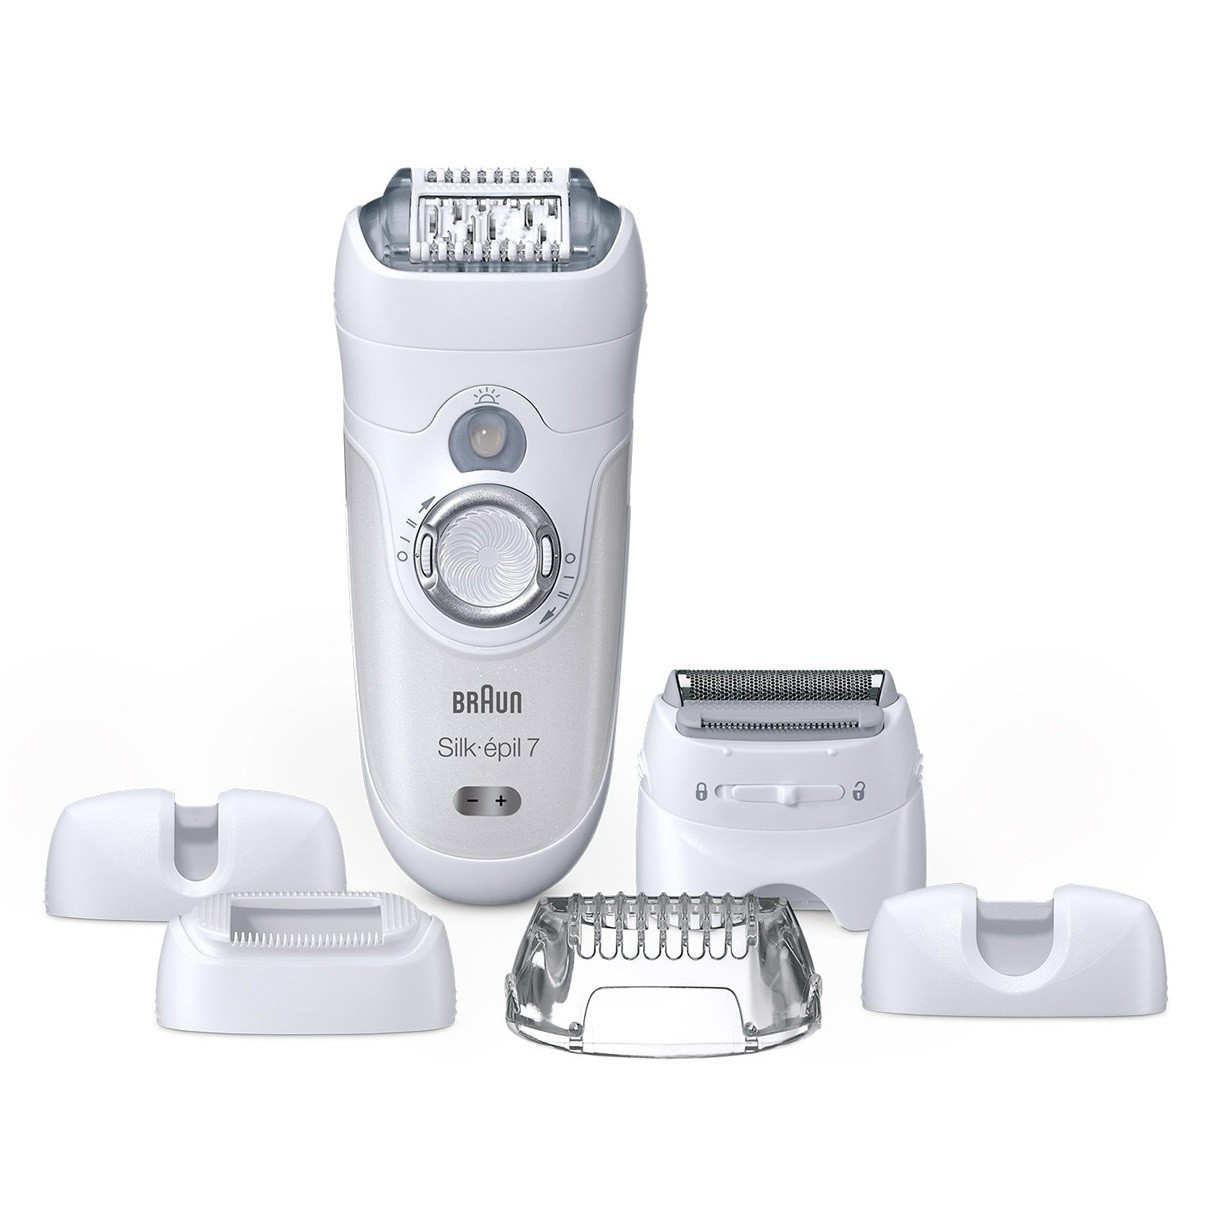 براون سيلك ابيل 7 آلة إزالة الشعر للاستخدام الجاف أو مع الماء مع 6 ملحقات Se7 561